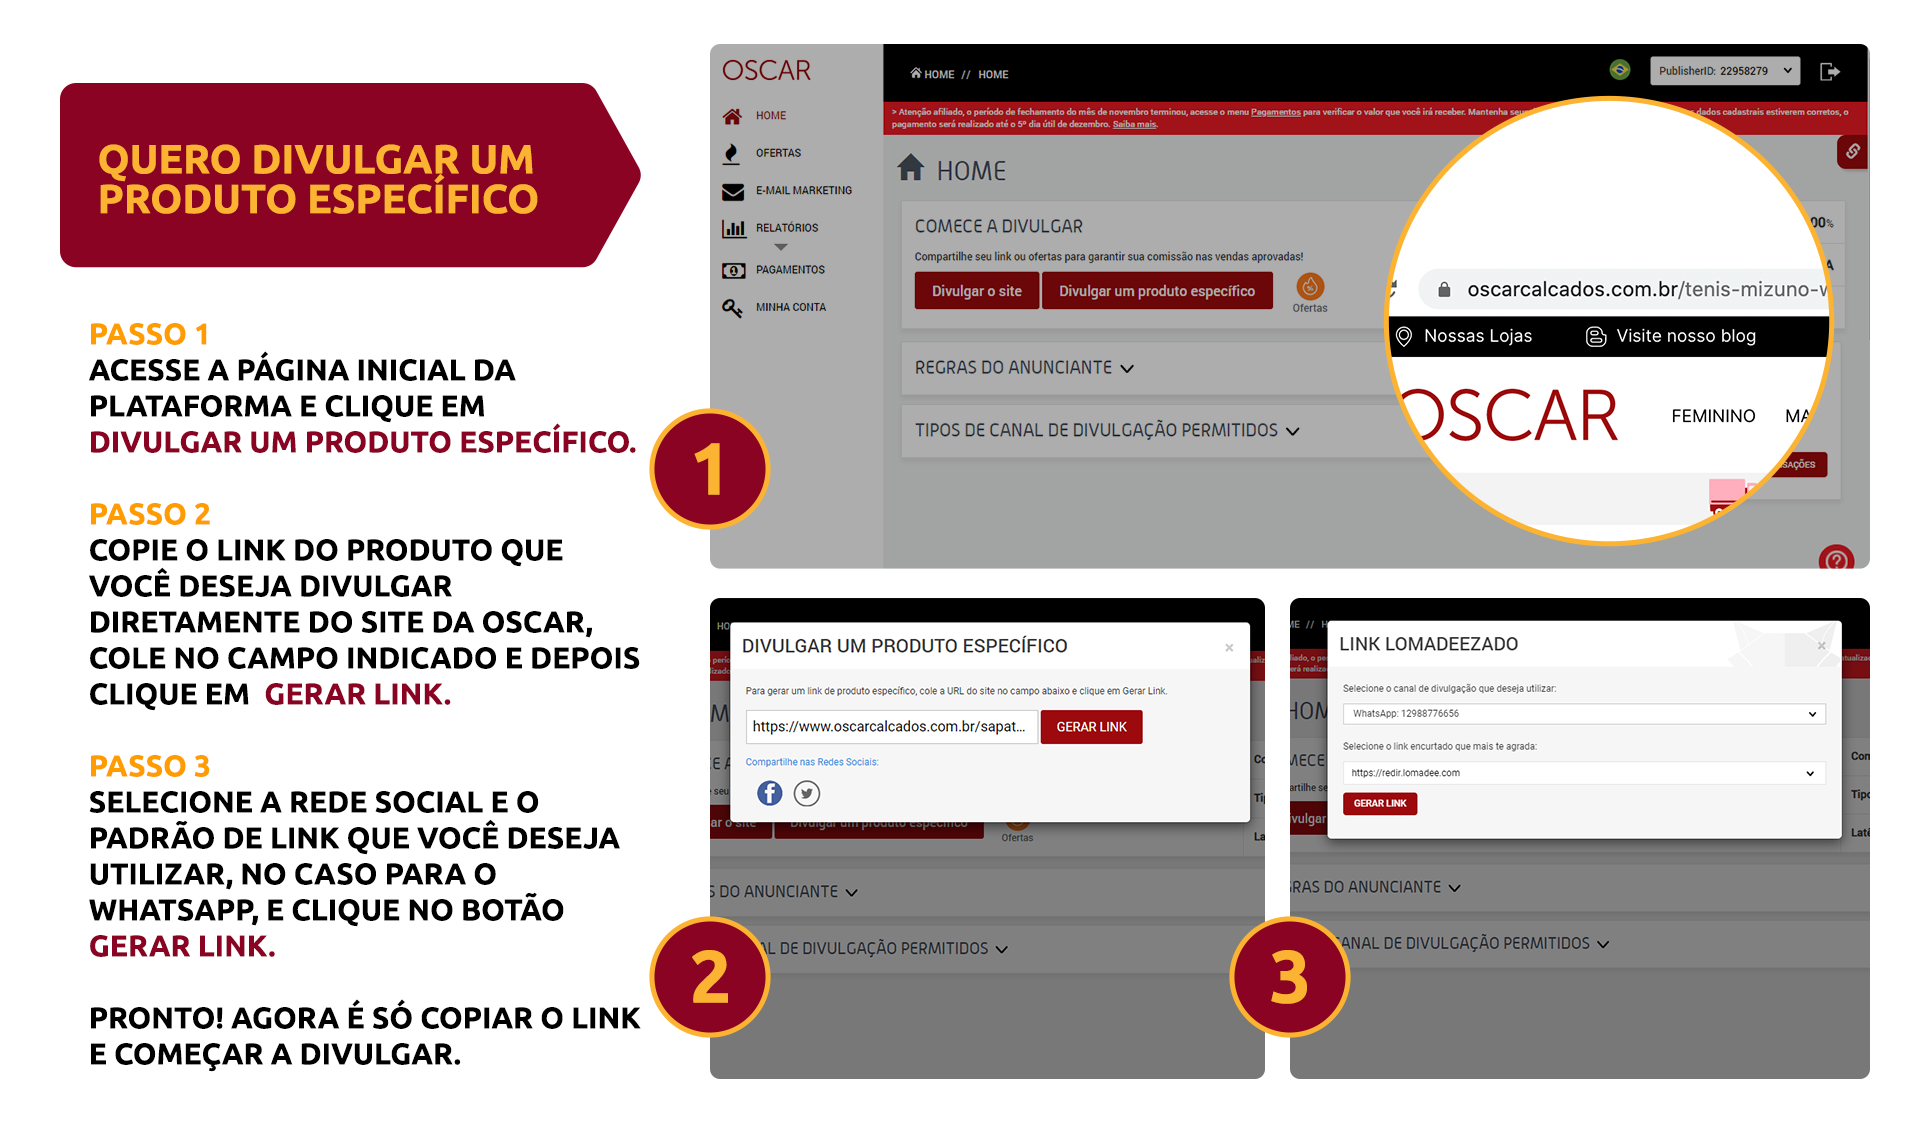 Escolha a opção divulgar um produto específico, copiar o link do produto no site e gerar seu link de afiliado na plataforma. Depois é só divulgar nas sua rede de contatos